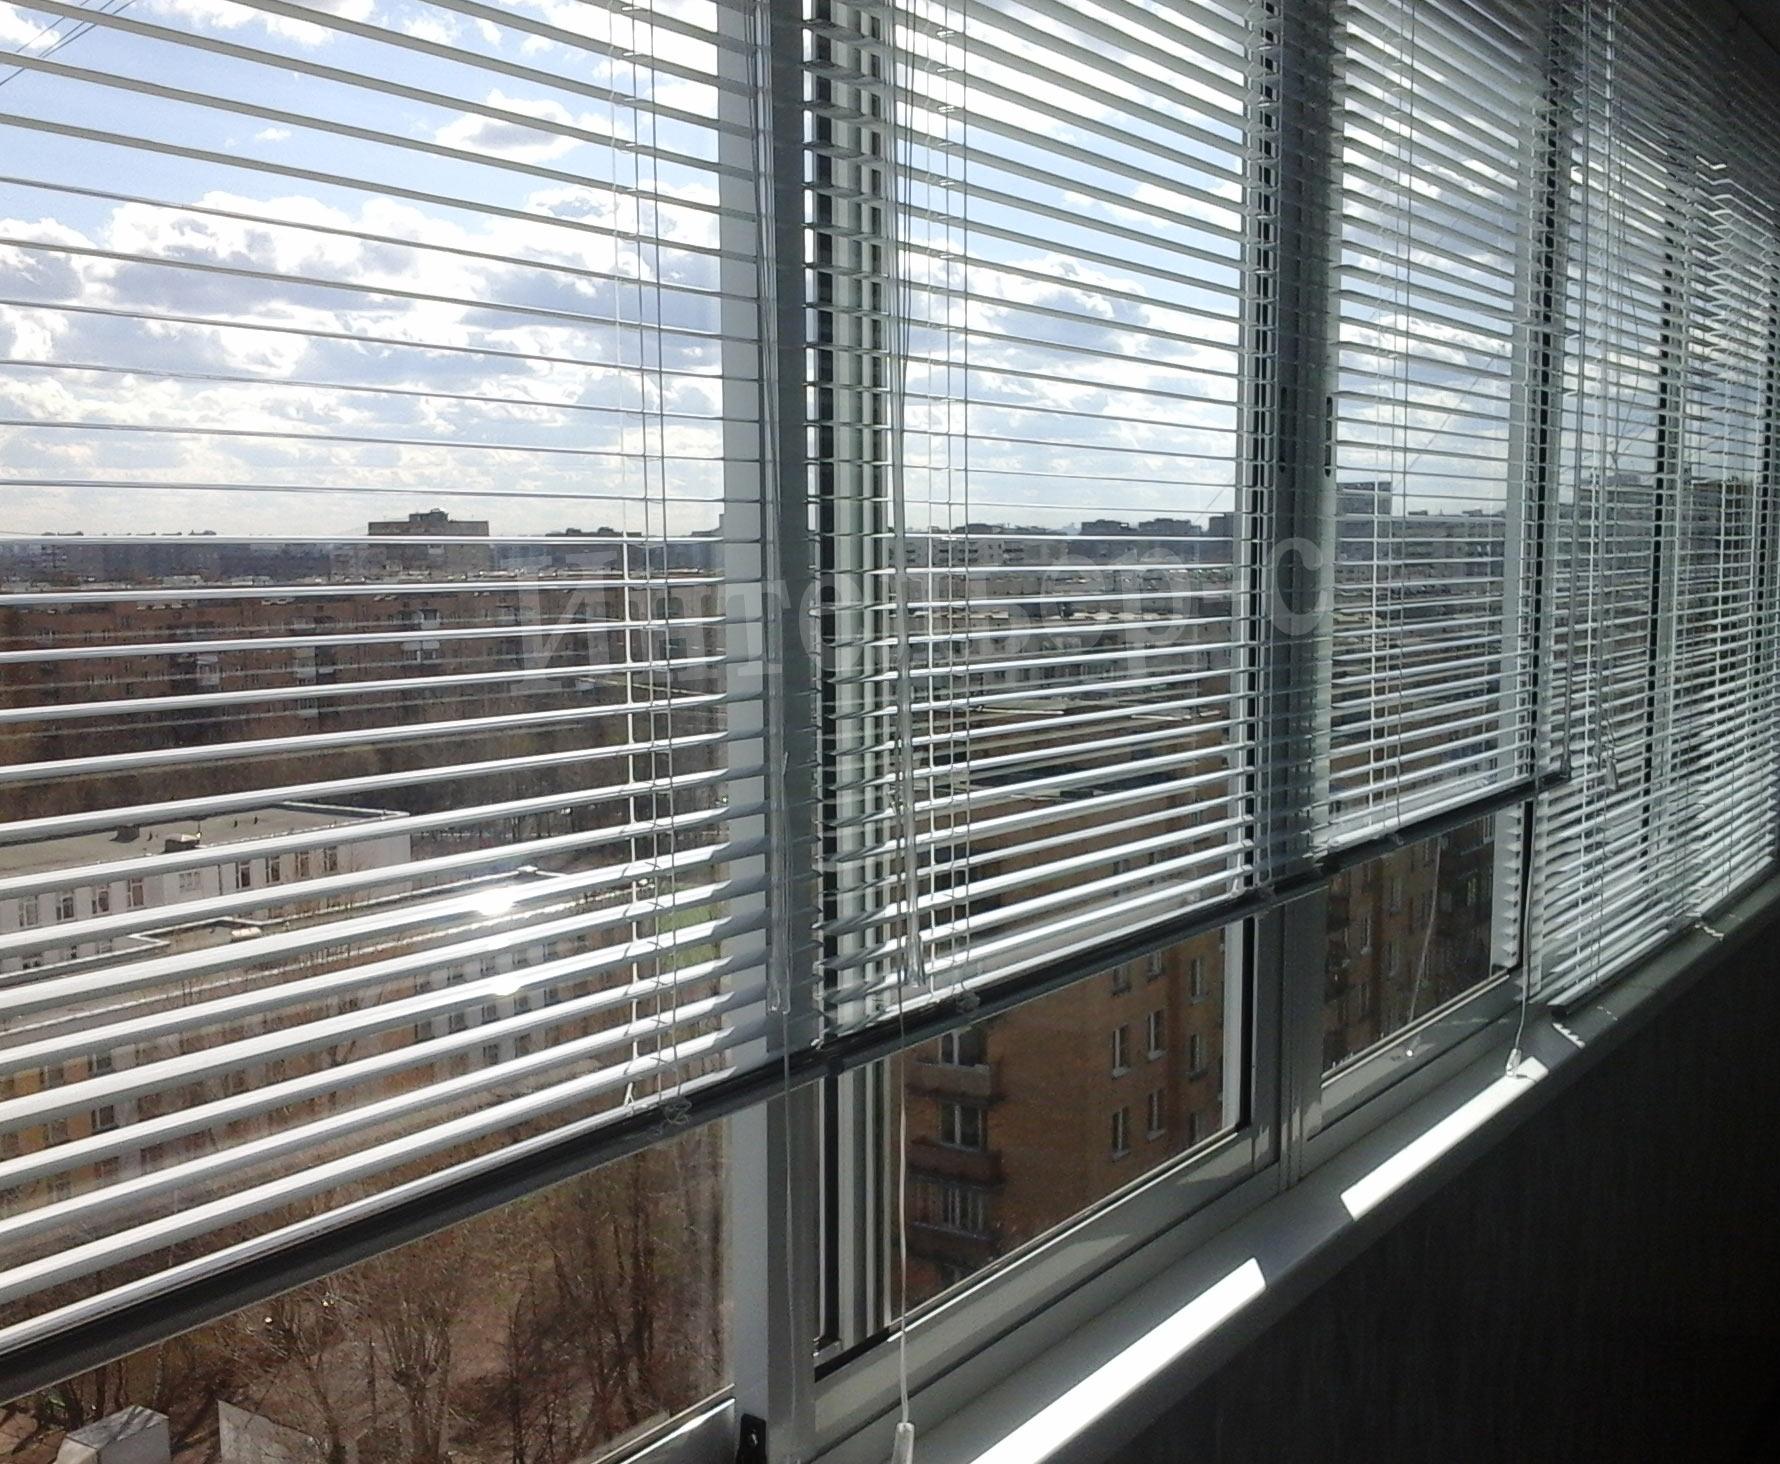 Горизонтальные алюминиевые жалюзи для балкона и лоджии - защищают от Солнца, компактны, надежны.